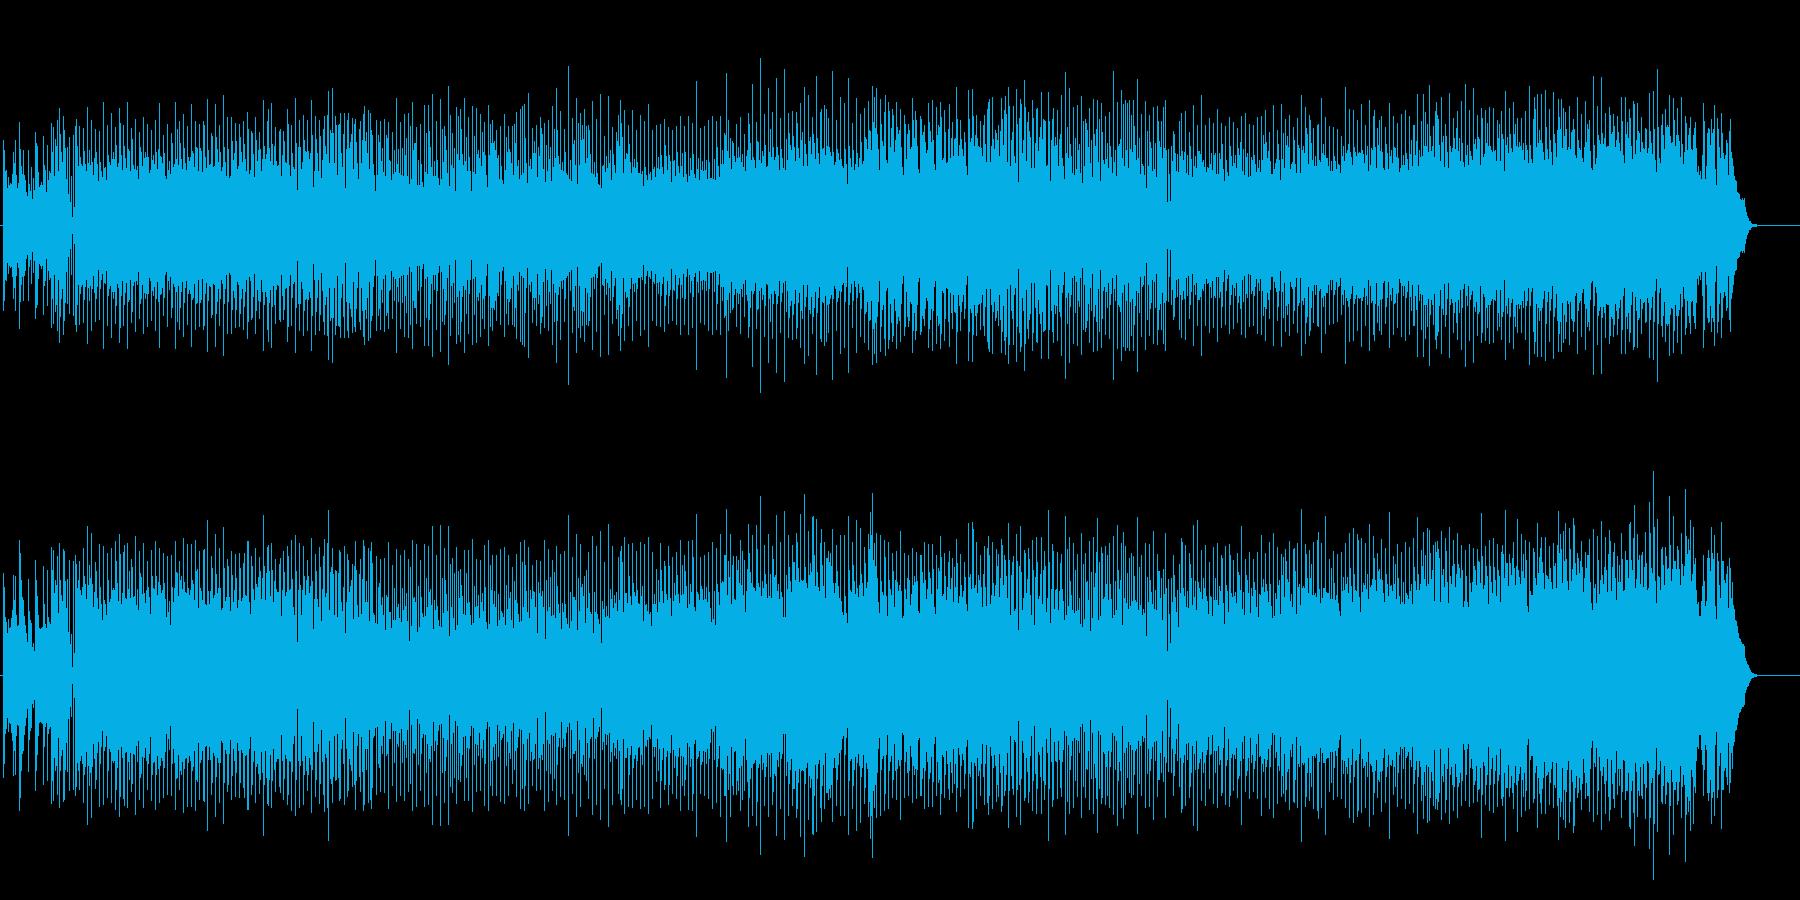 口ずさめそうなポップ・ミュージックの再生済みの波形